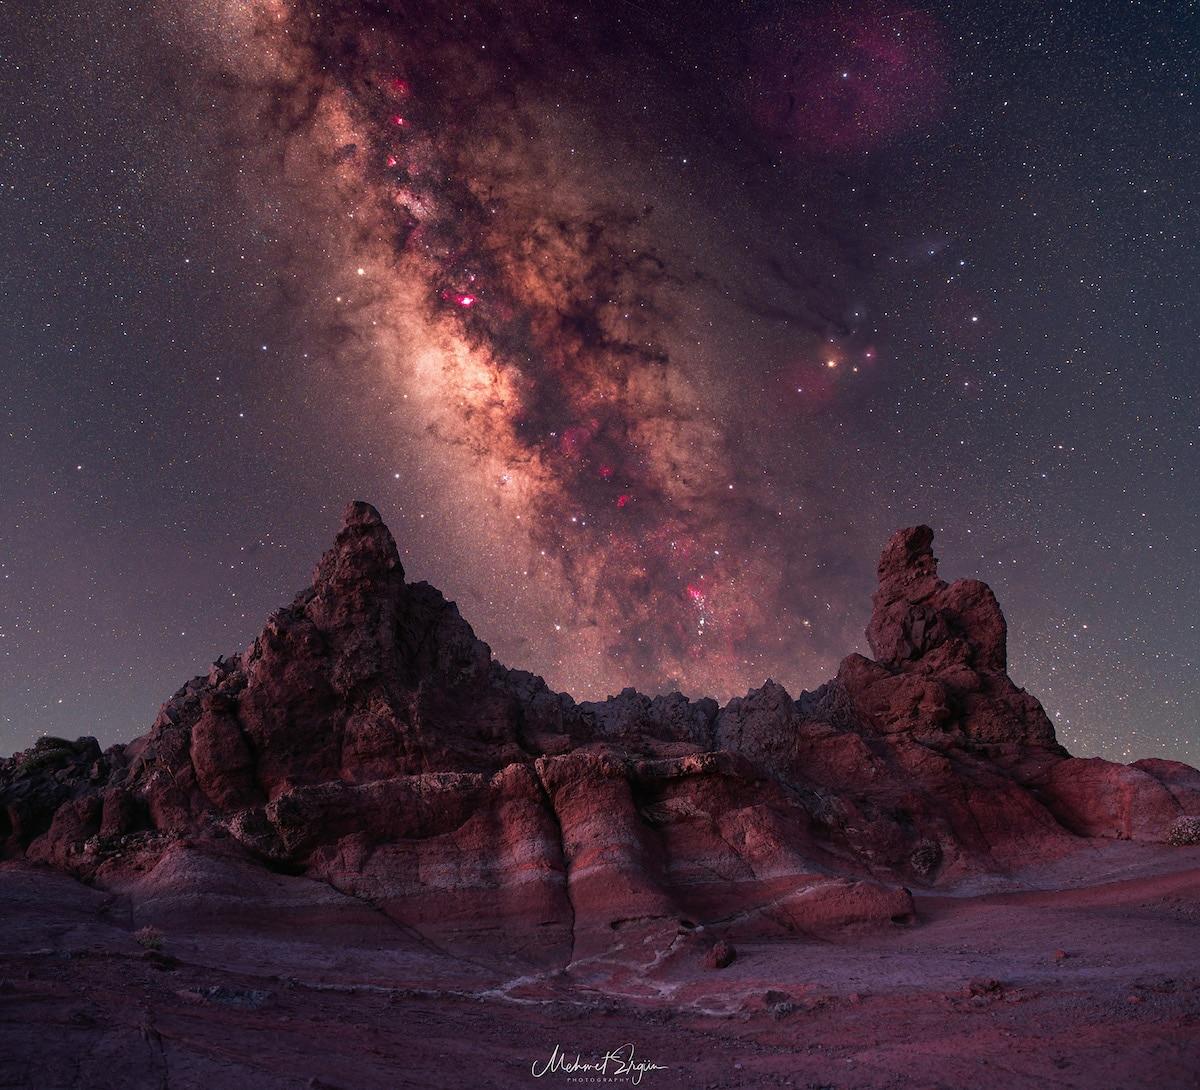 Milky Way in Parque Nacional del Teide in Tenerife